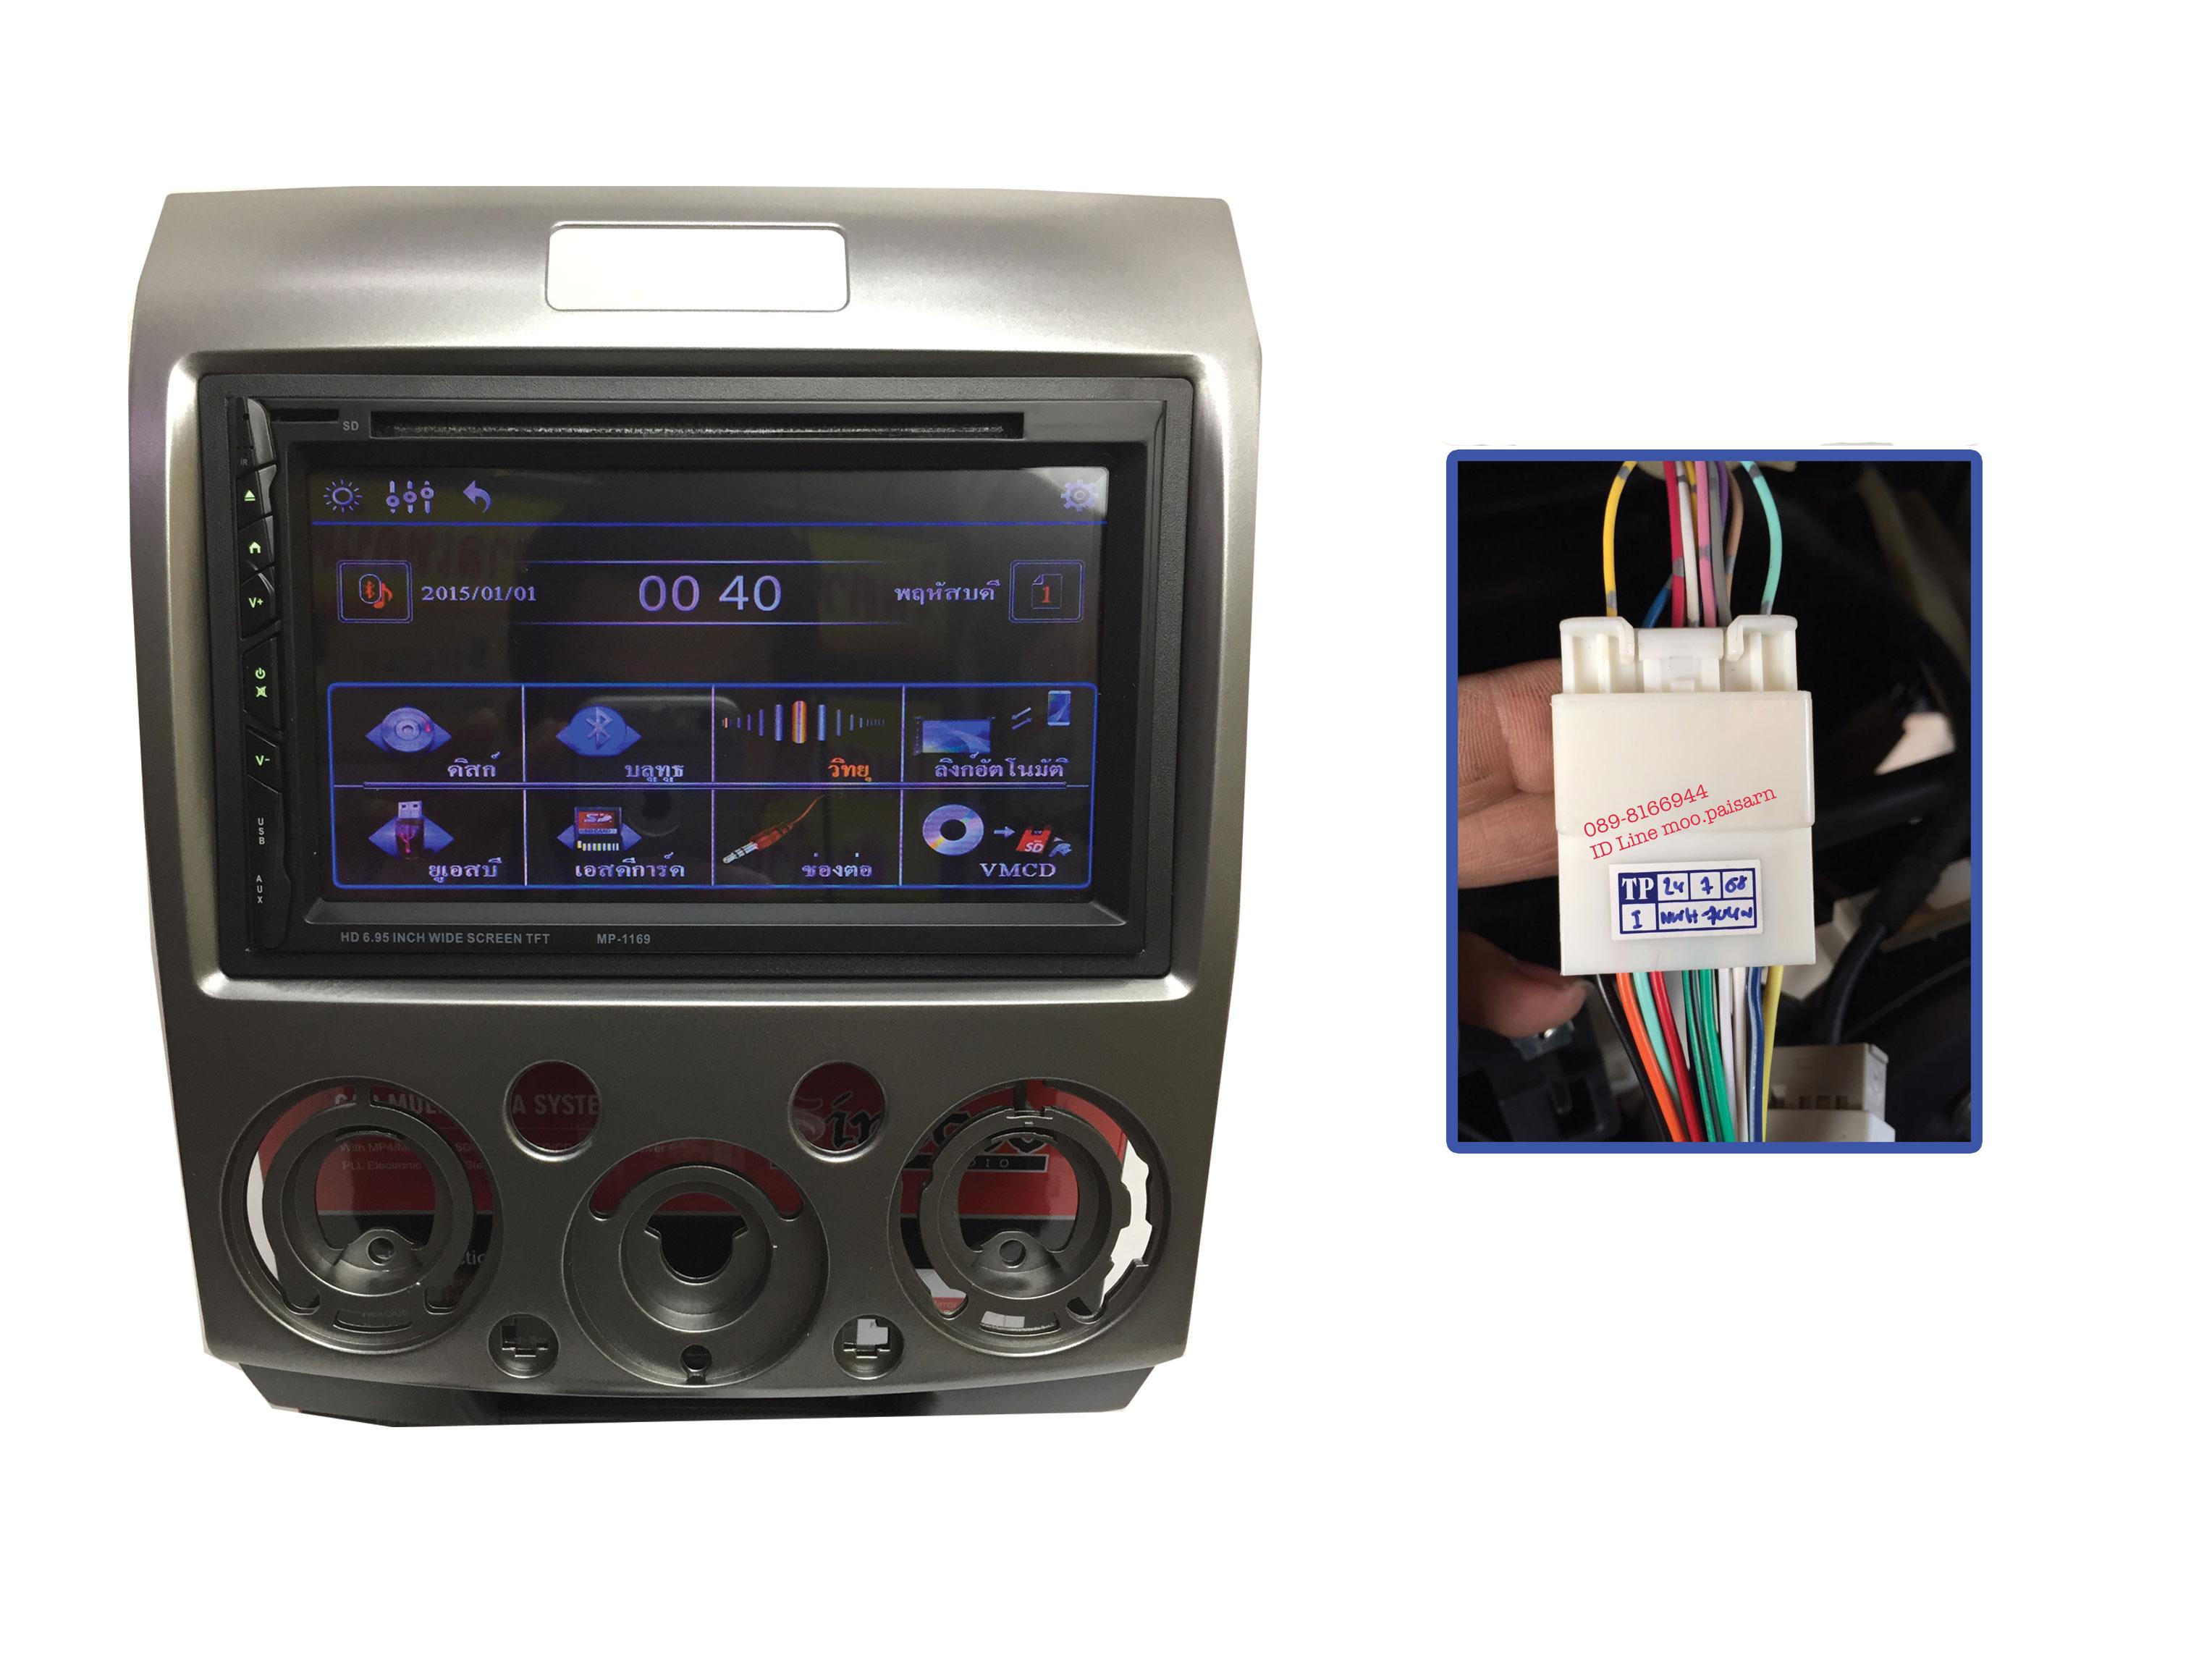 วิทยุพร้อมจอ 2 ดินยี่ห้อ Sirocco MP-1169 Mirror Link พร้อมหน้ากาก MadaBT 50 และ Ford 2007-2011 พร้อมส่ง